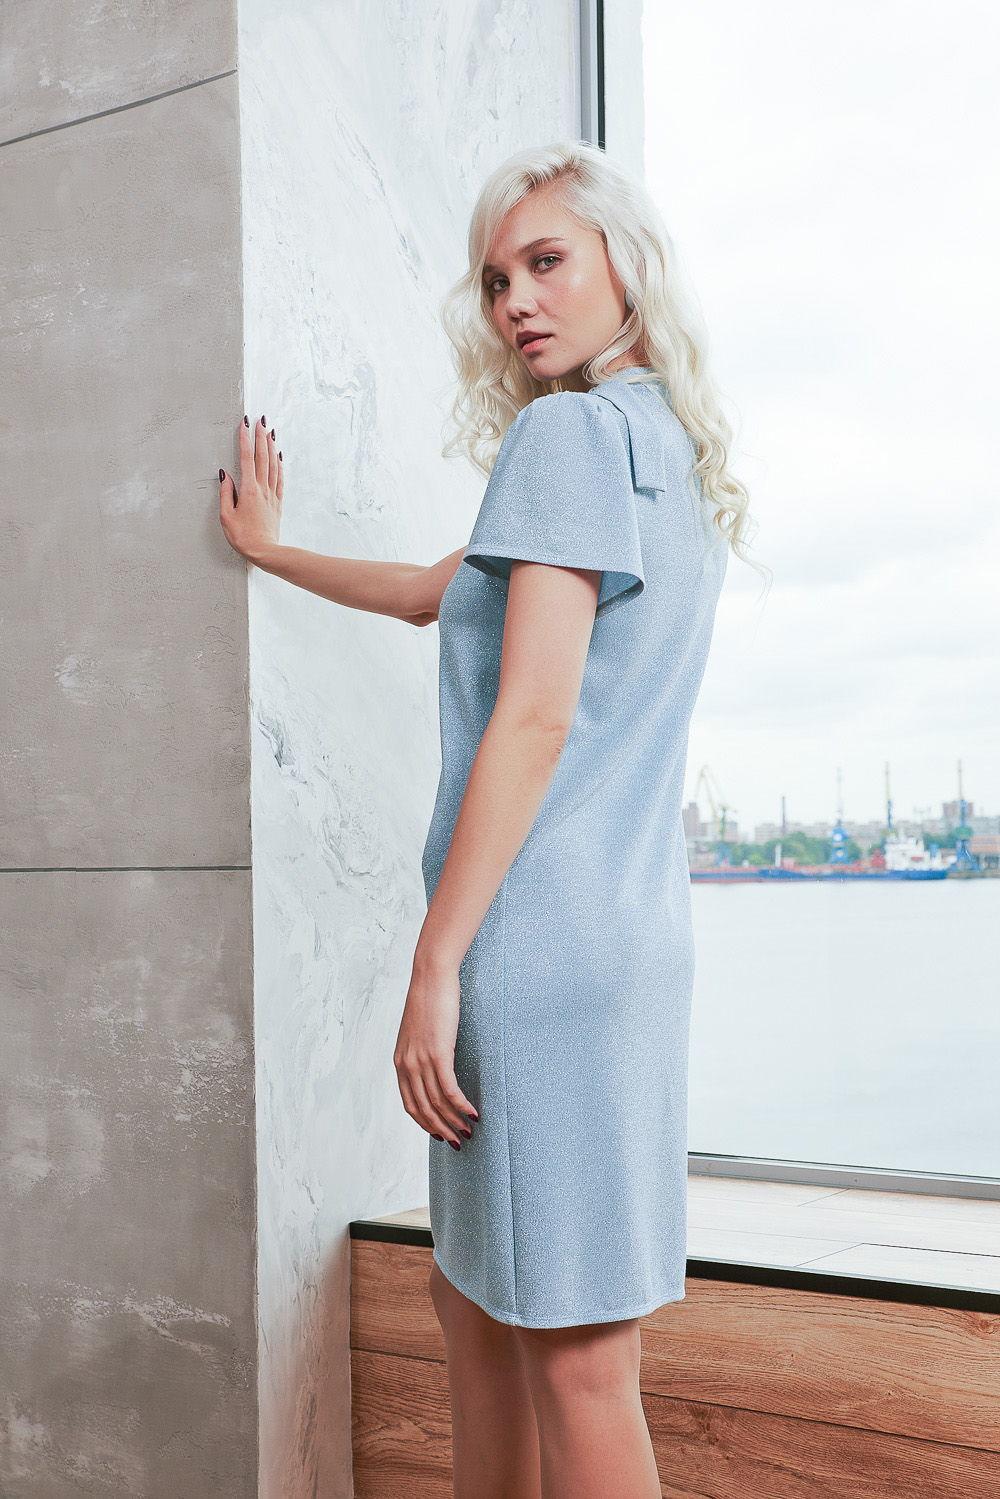 Платье З419-233 - Чудесное однотонное платье небесно-голубого цвета с утонченным сиянием. Практичное и универсальное платье прямого силуэта подойдет обладательницам любой фигуры. Удачный вариант для тех, у кого нет четкой линии талии.Уникальность платья заключается в аккуратном воротничке-стойке, который сбоку переходит в завязывающиеся элементы и взору открывается деликатный вырез. Короткий свободный втачной рукав формы «колокол» смотрится великолепно.Классический фасон платья добавляет образу лаконичности и равномерно распределяет внимание, не акцентируя его на отдельных зонах